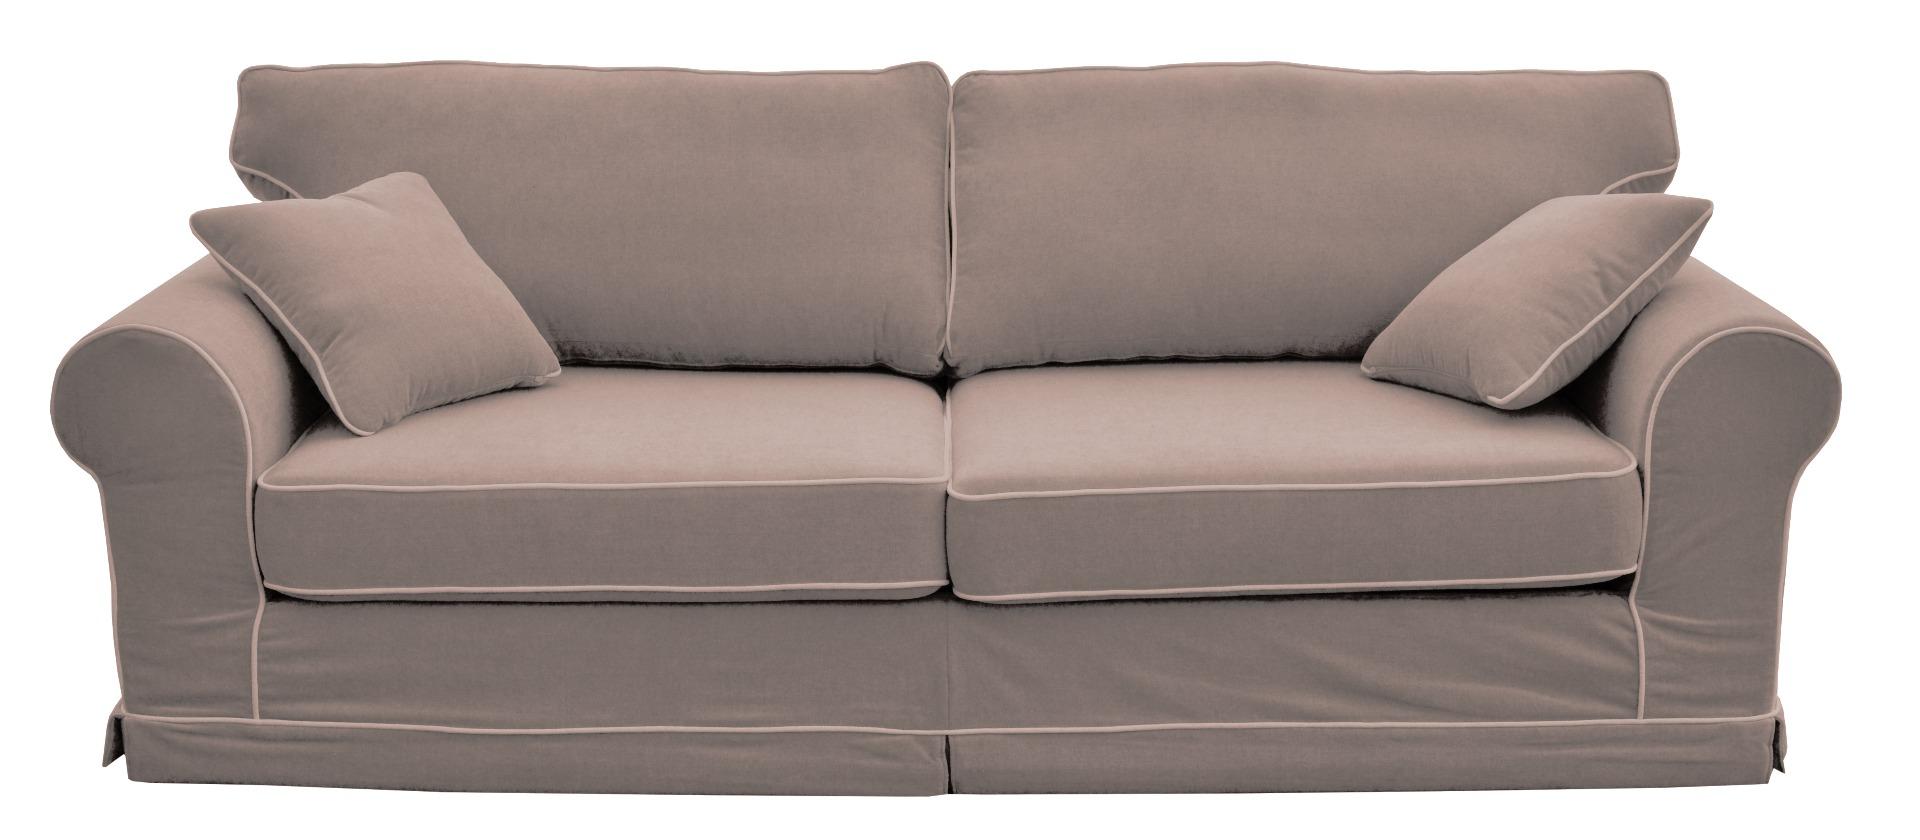 Sofa Elsa 3 os. 231x96x87 cm Miloo Home ML6542-BL-242/BL-248